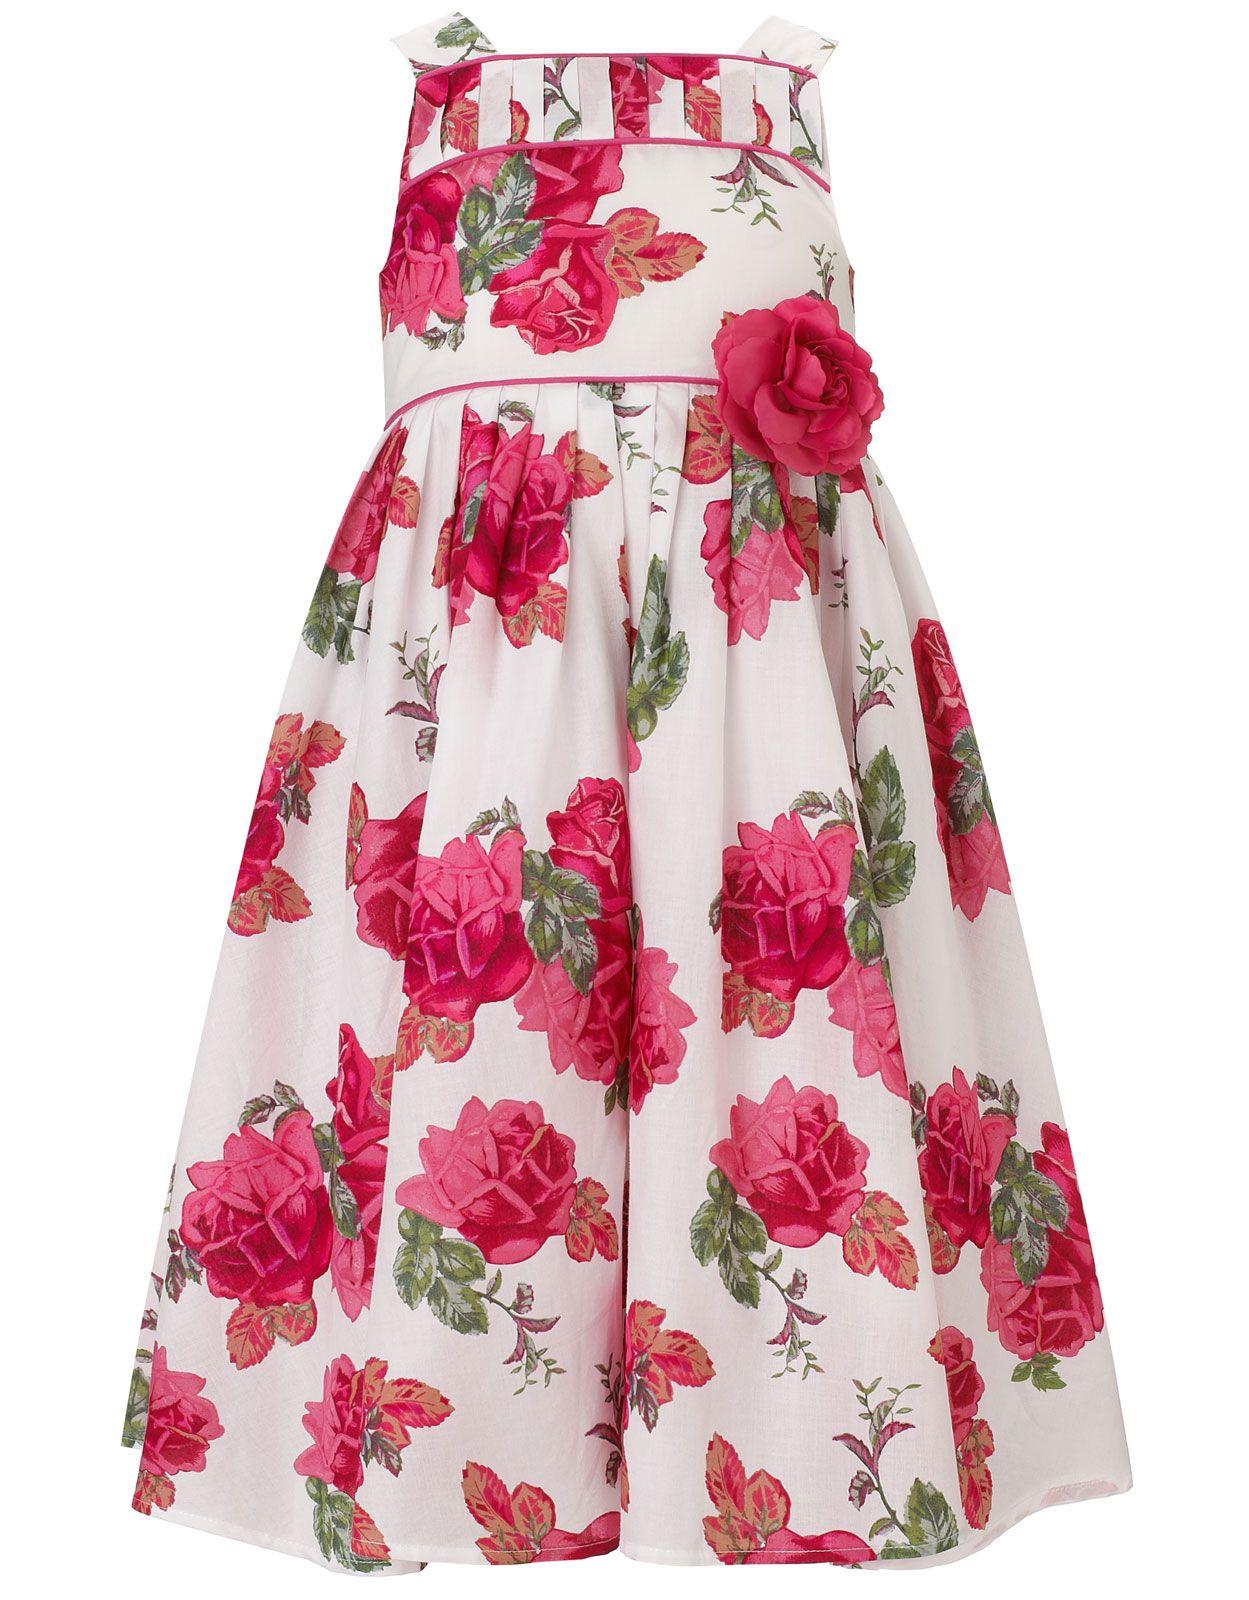 Kleid mit Blütenmusterdruck | Weiß | Monsoon | Fashion for Kids ...